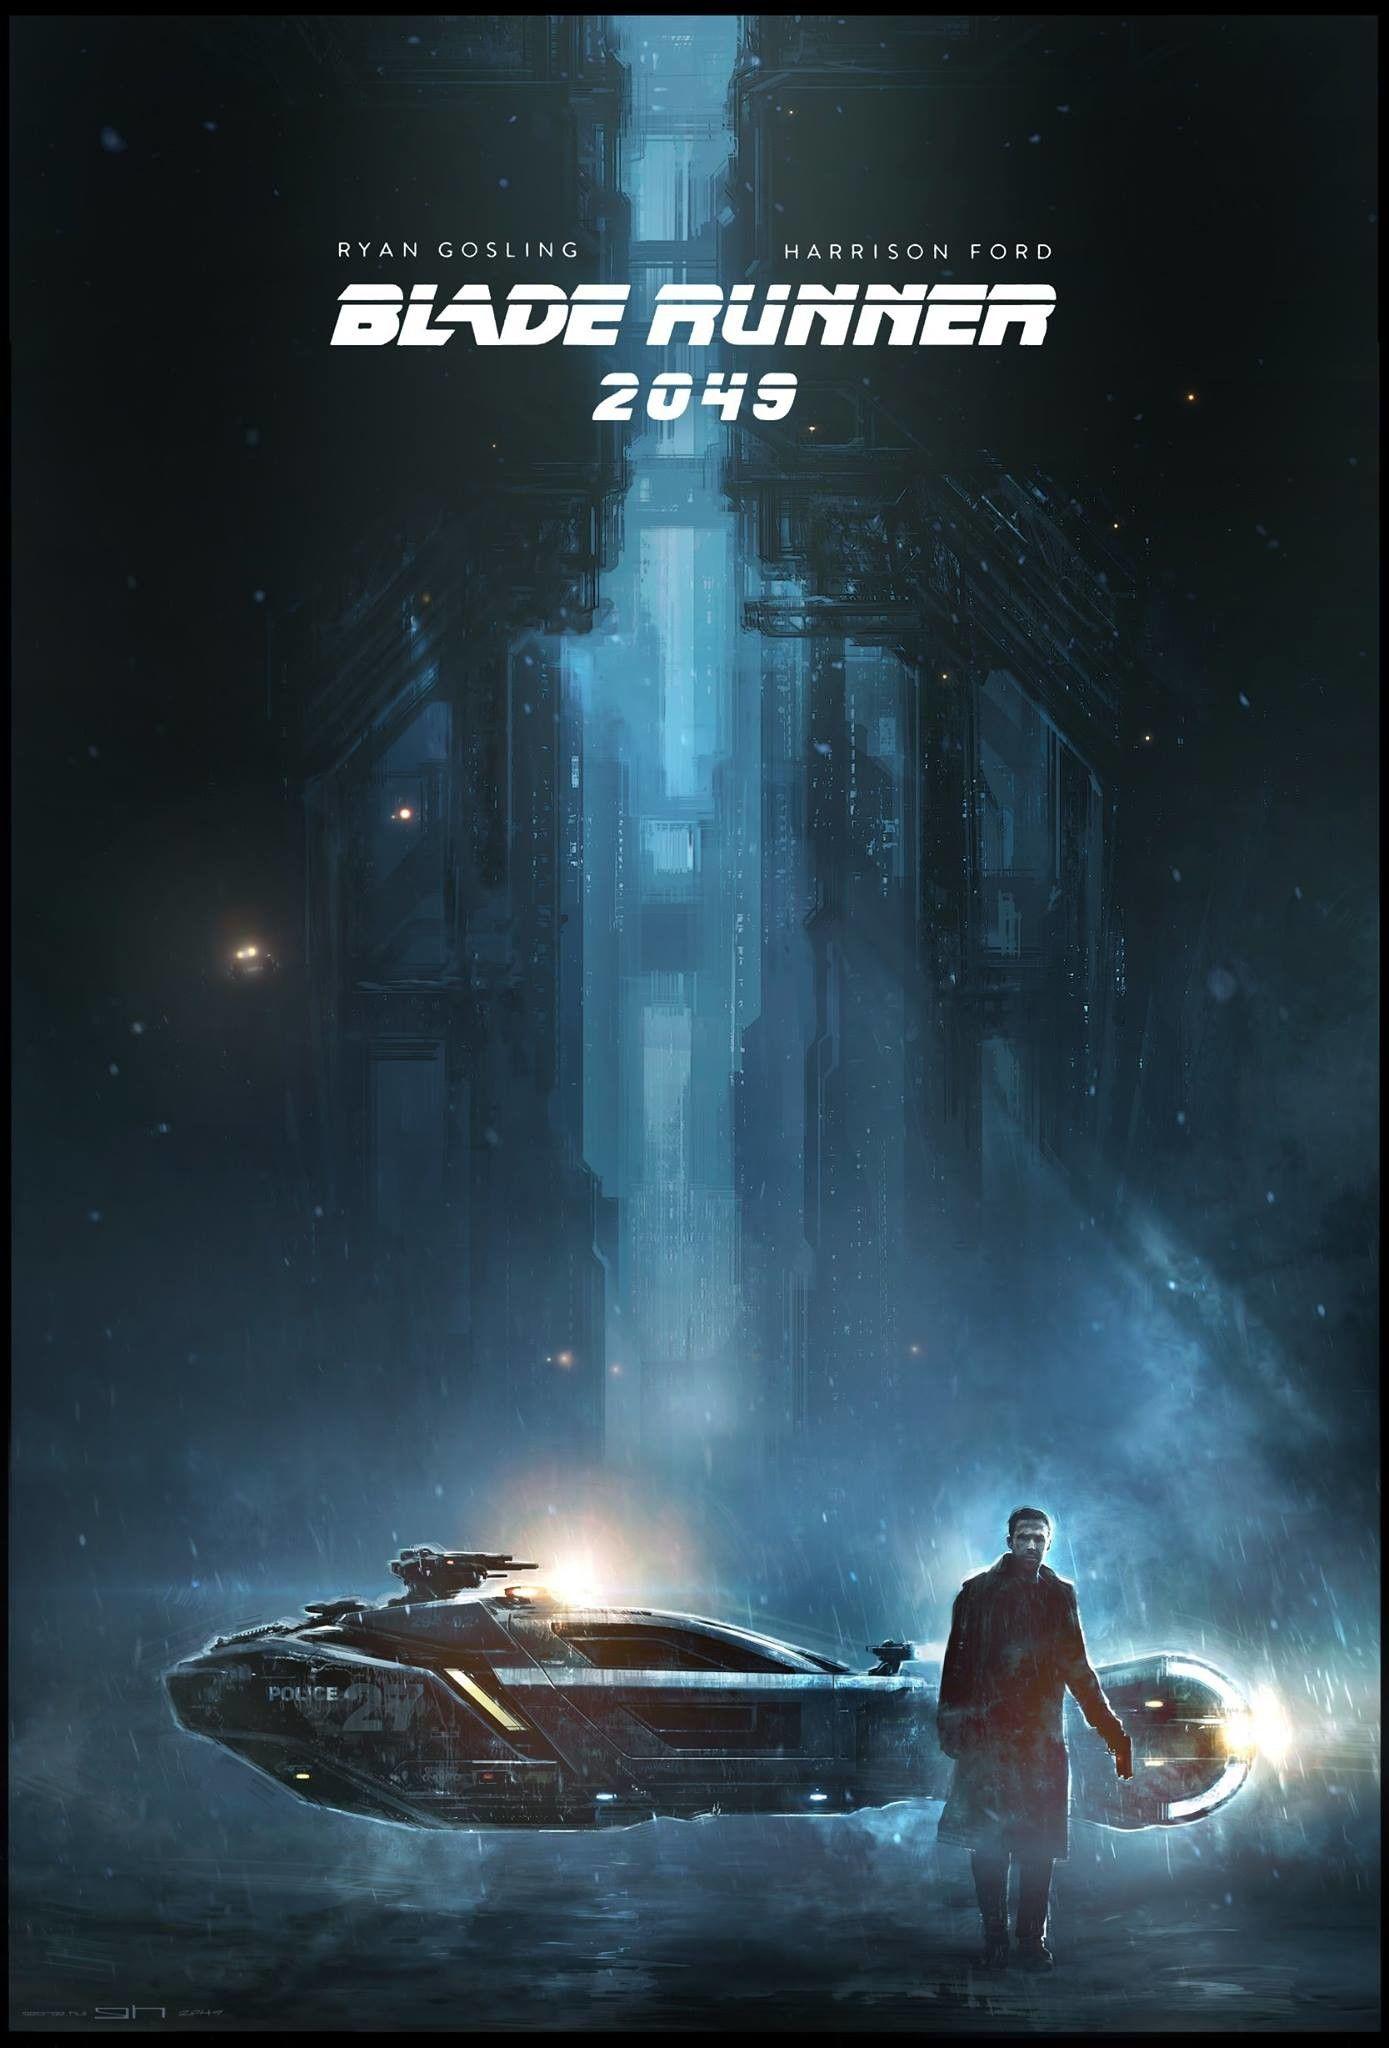 دانلود آرت بوک Blade Runner 2049 - کتاب فیلم بلید رانر 2049